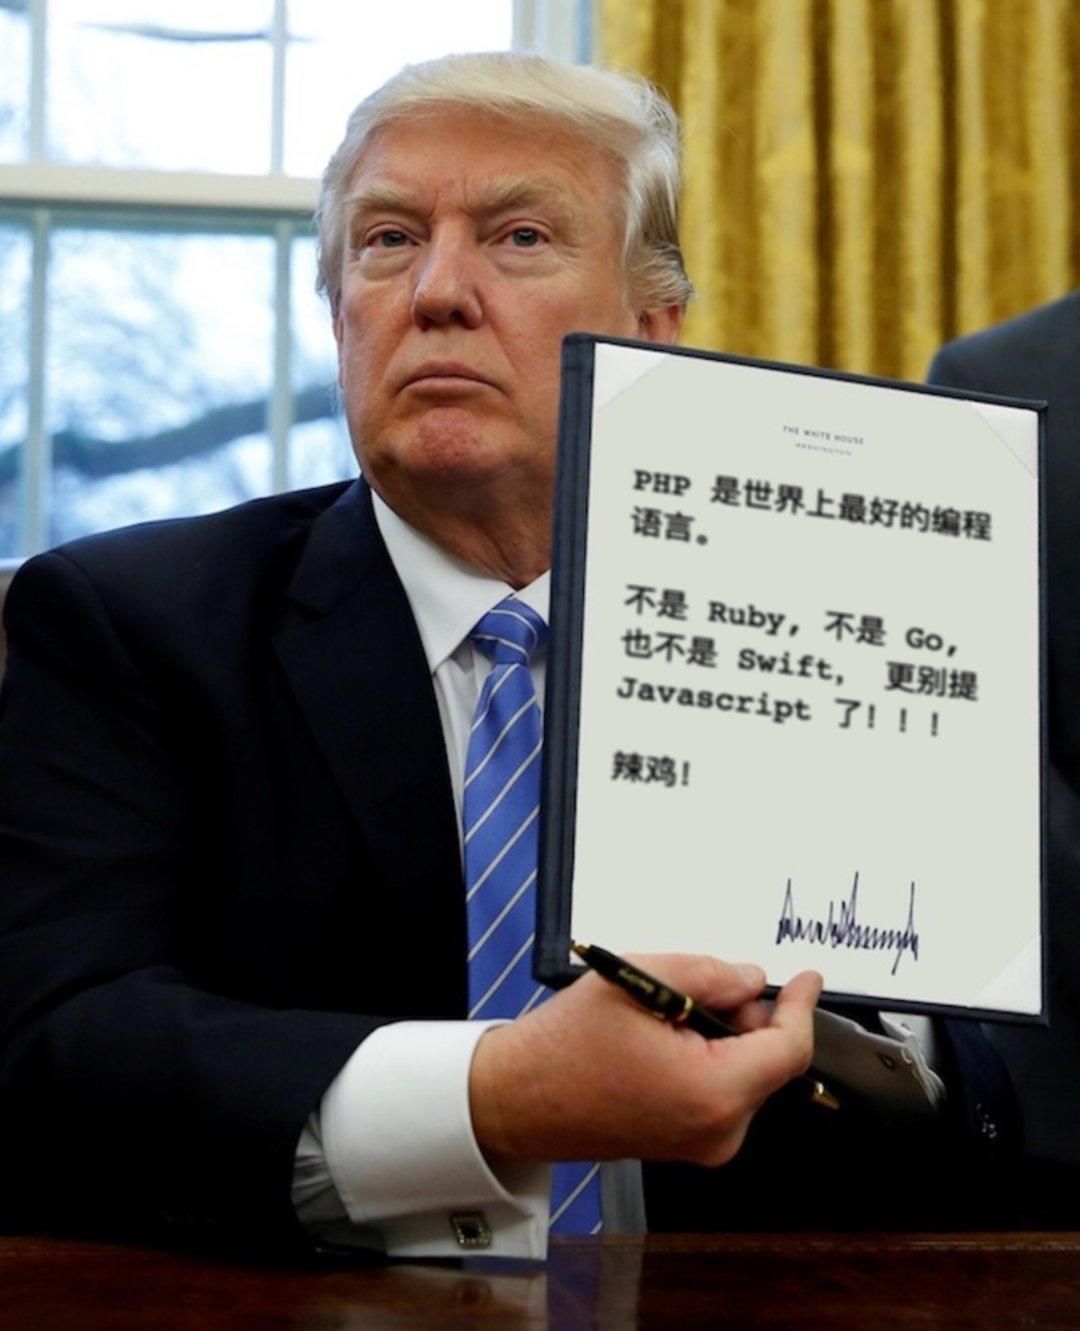 冒充总统特朗普,打开这个网页随意签发总统令_智能_好奇心日报